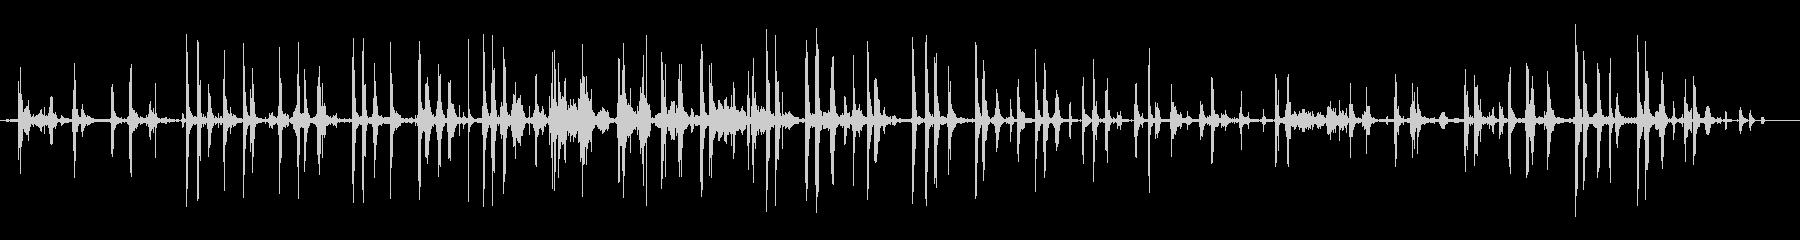 ホース・ギャロッピング、フォーリーの未再生の波形